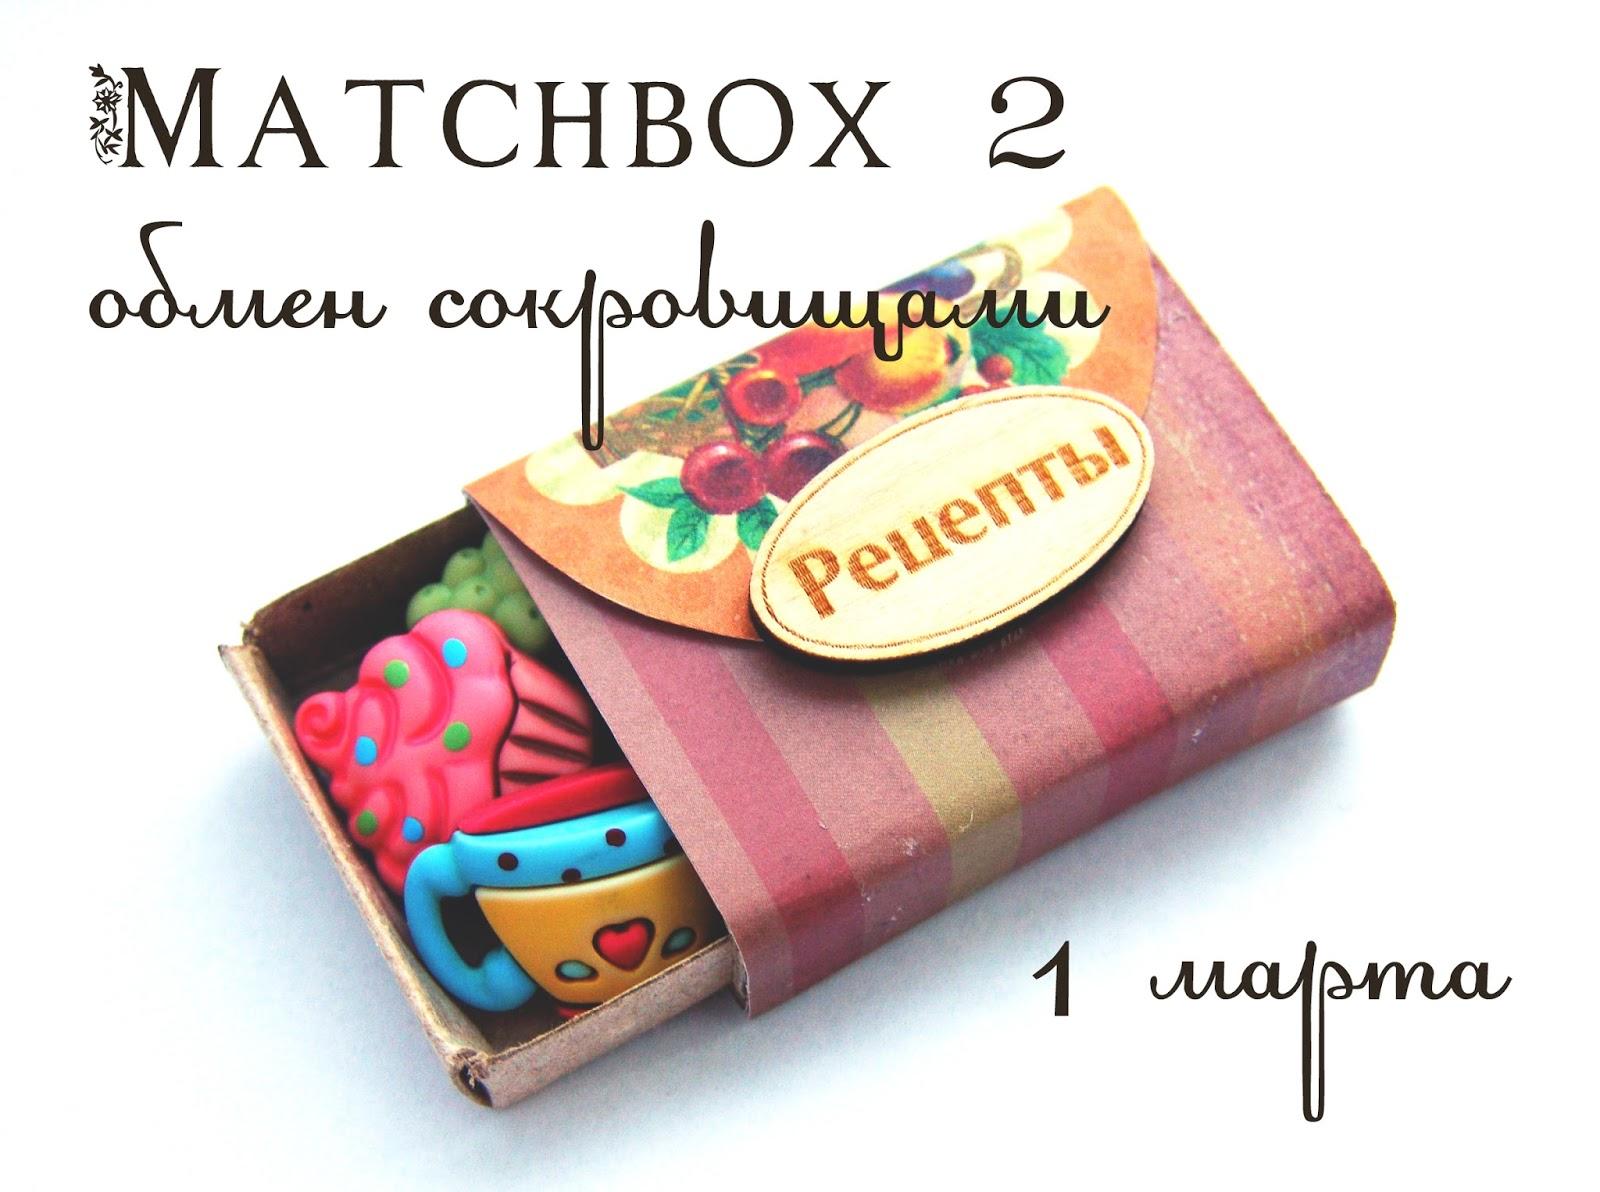 Обмен коробочками)